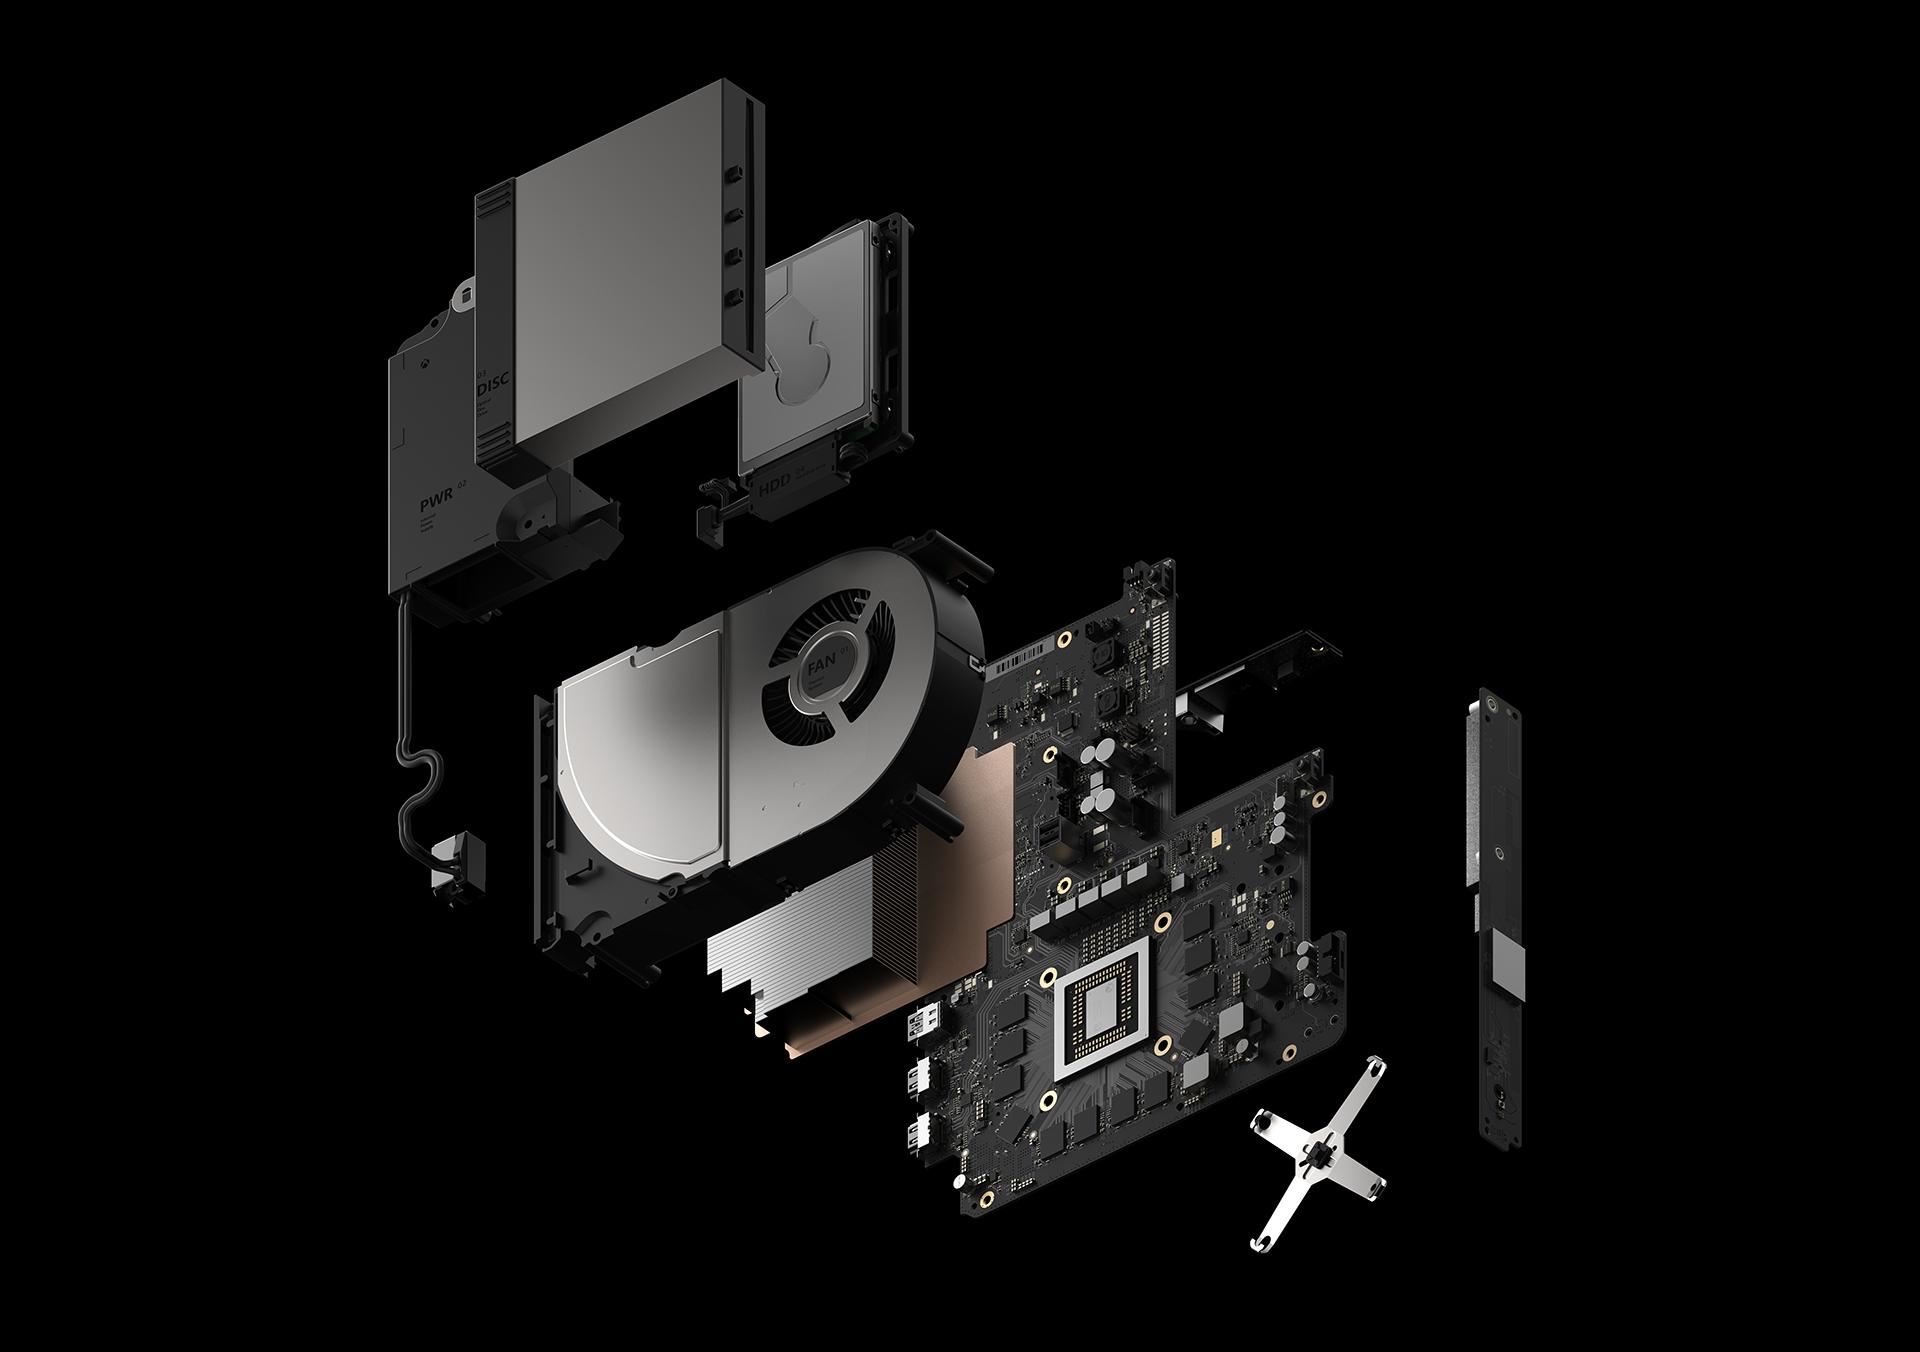 Xbox Project Scorpio3